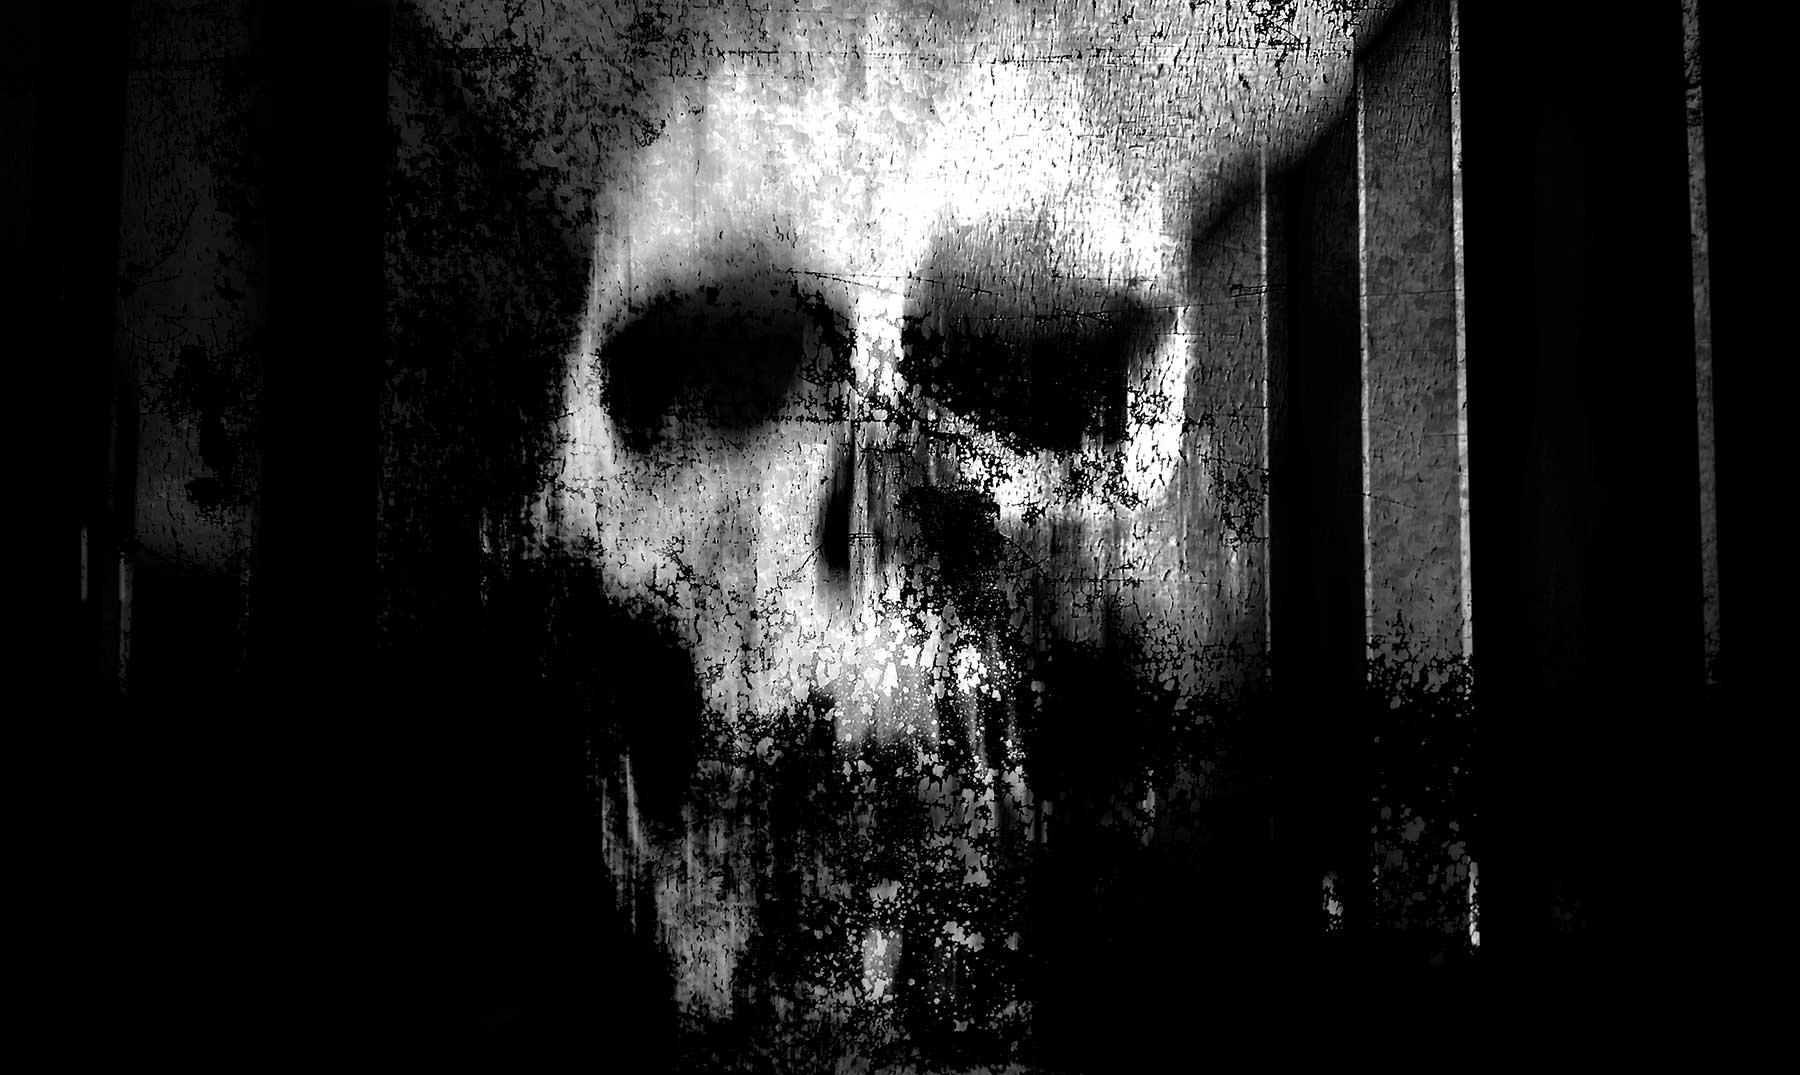 10 Frases sobre la muerte para reflexionar